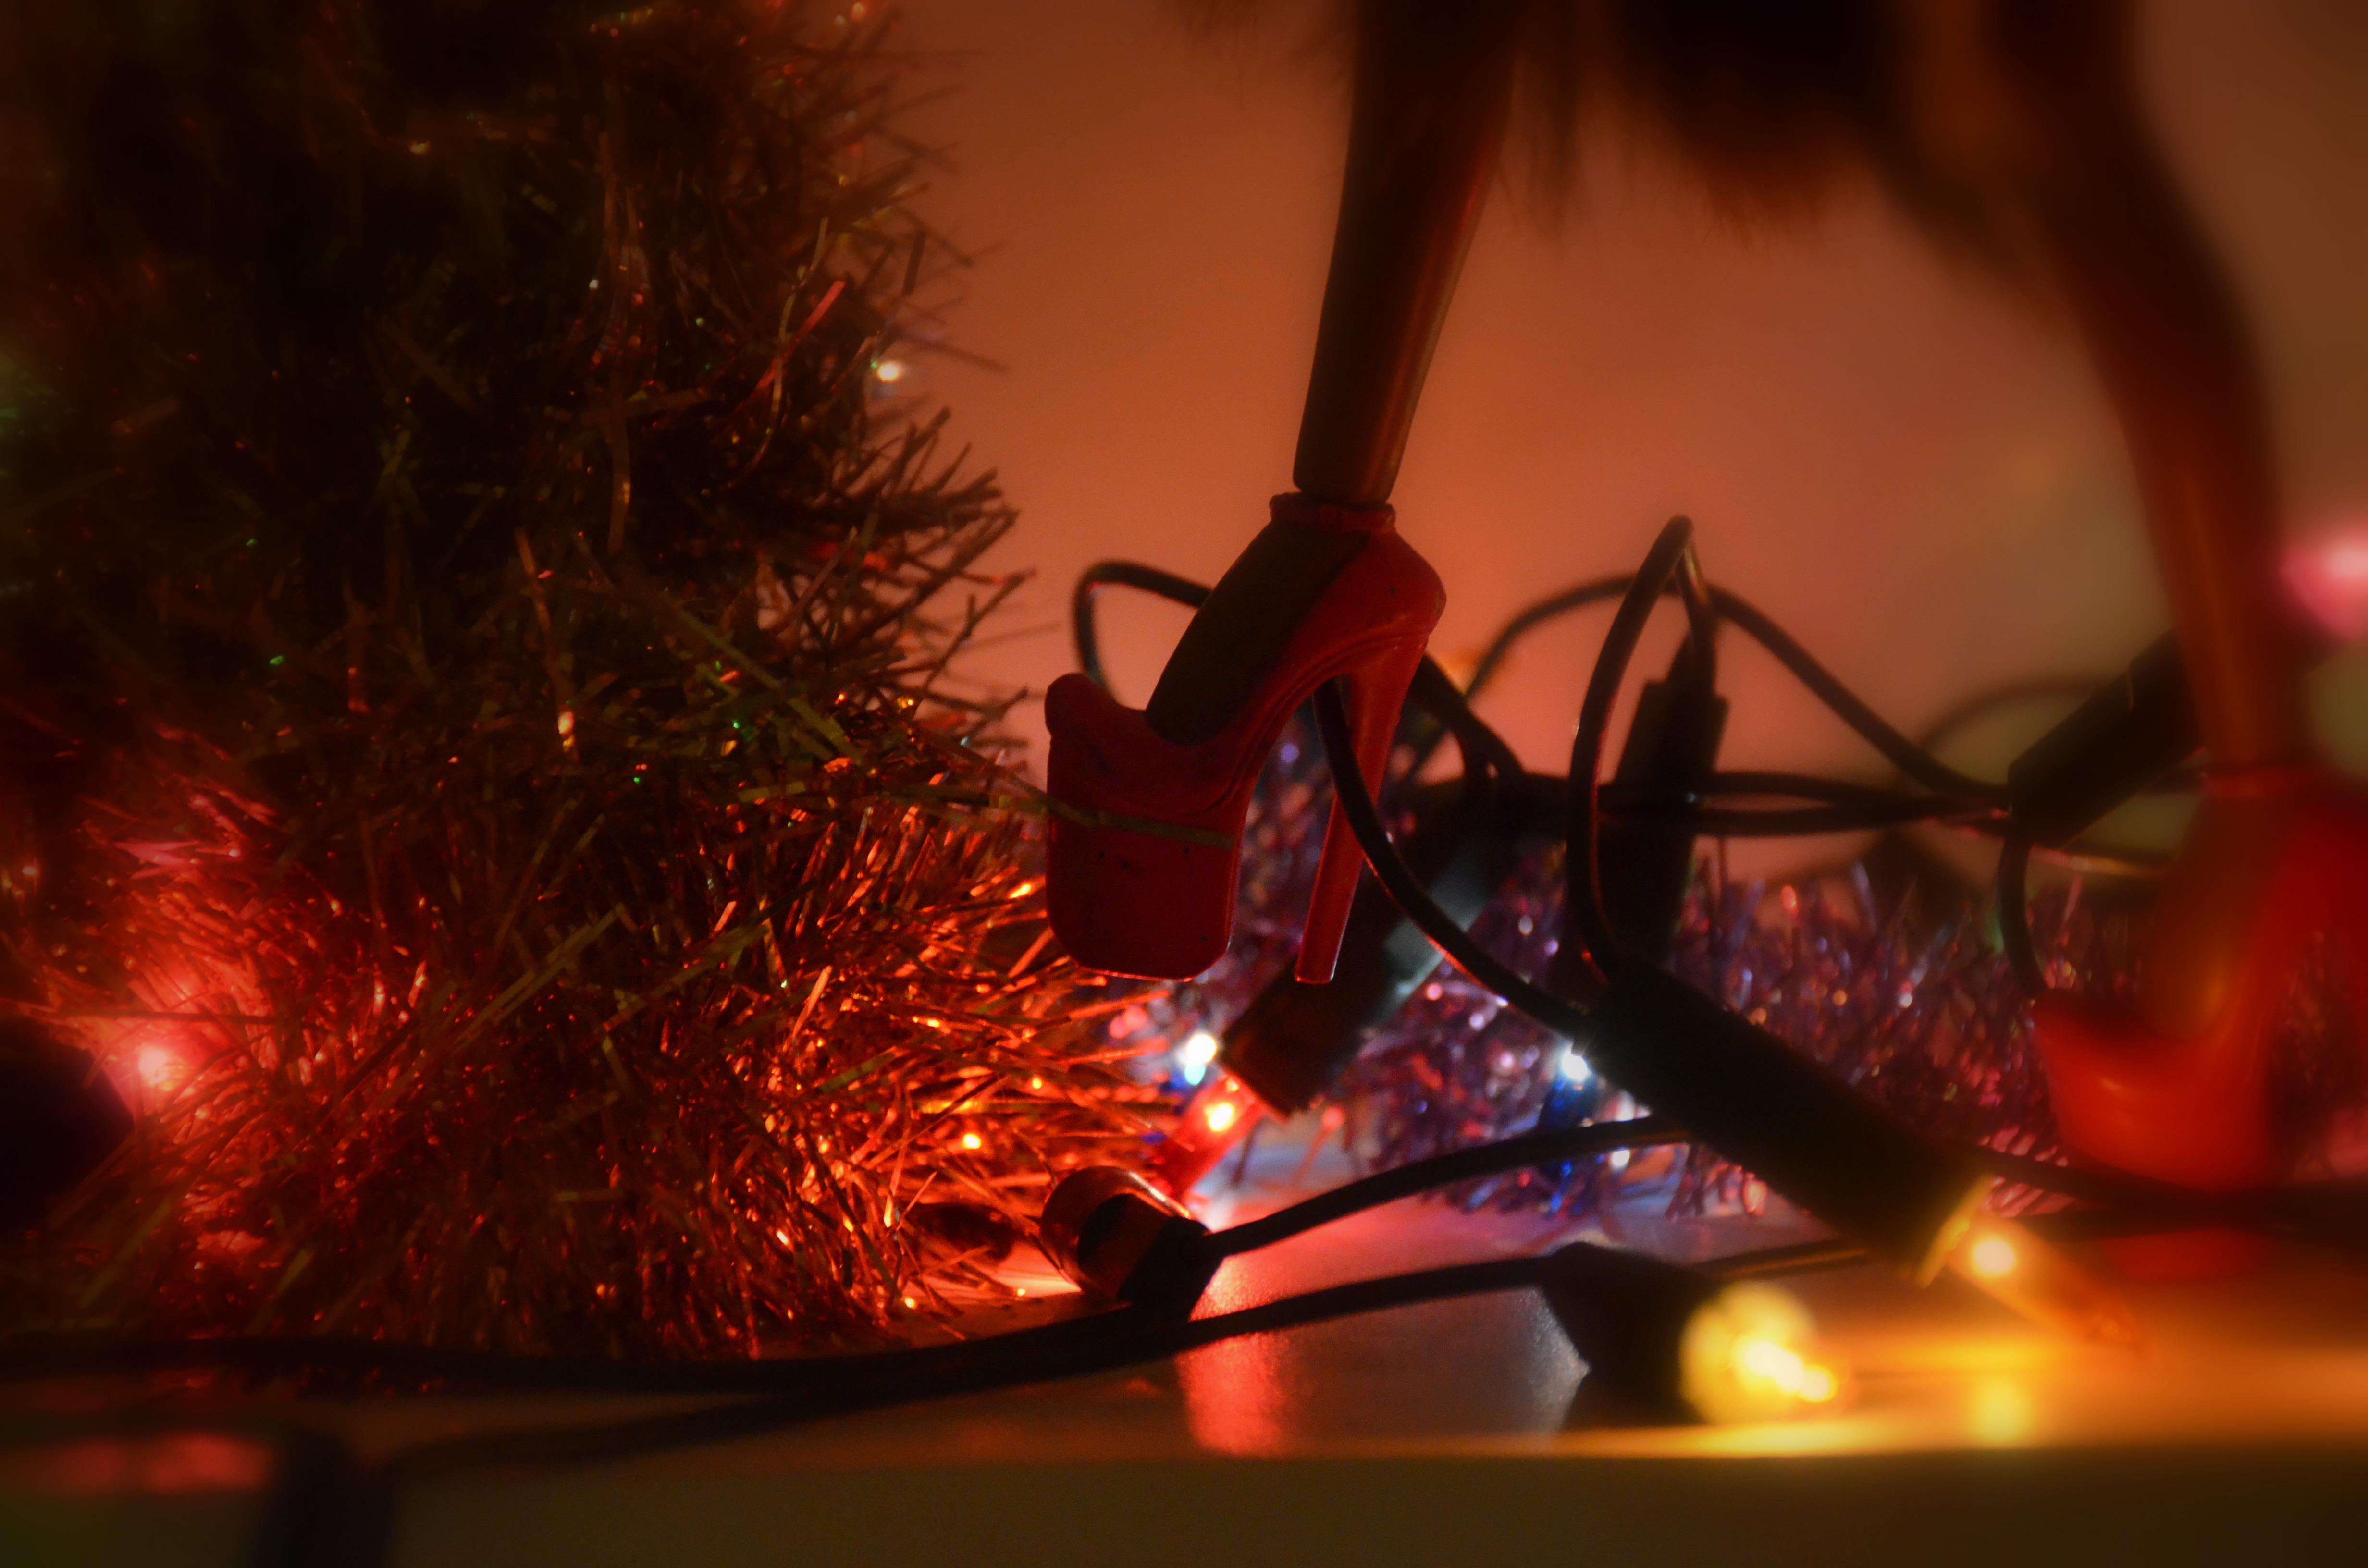 Fondos de pantalla : noche, rojo, vestir, fuego, bengala, Moda ...